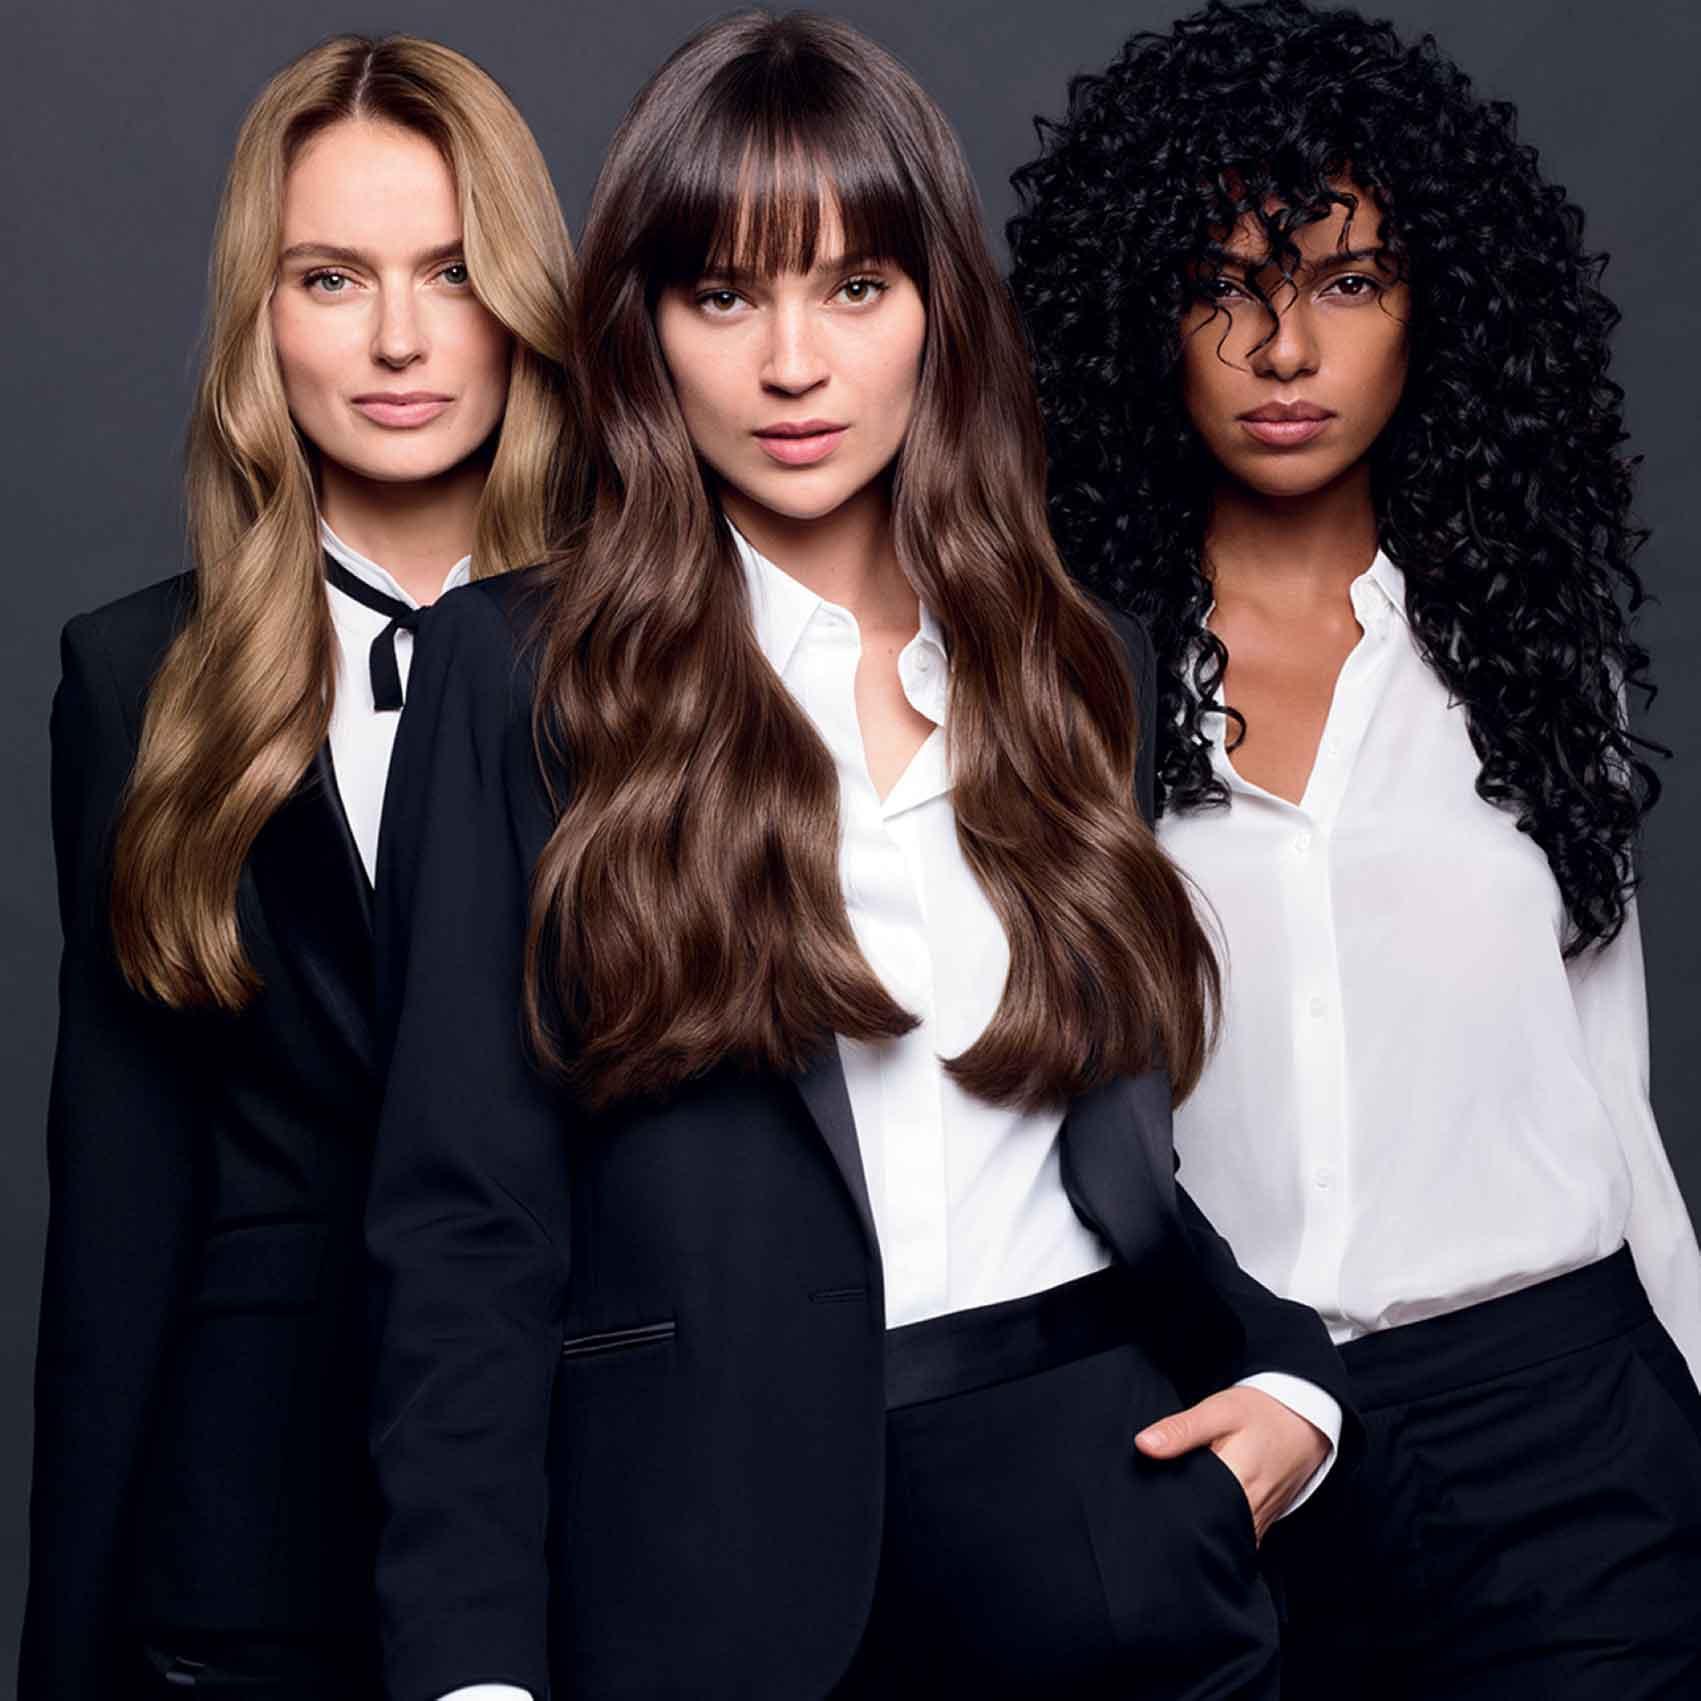 חדשות-אופנה-טרנדים-בעיצוב-שיער